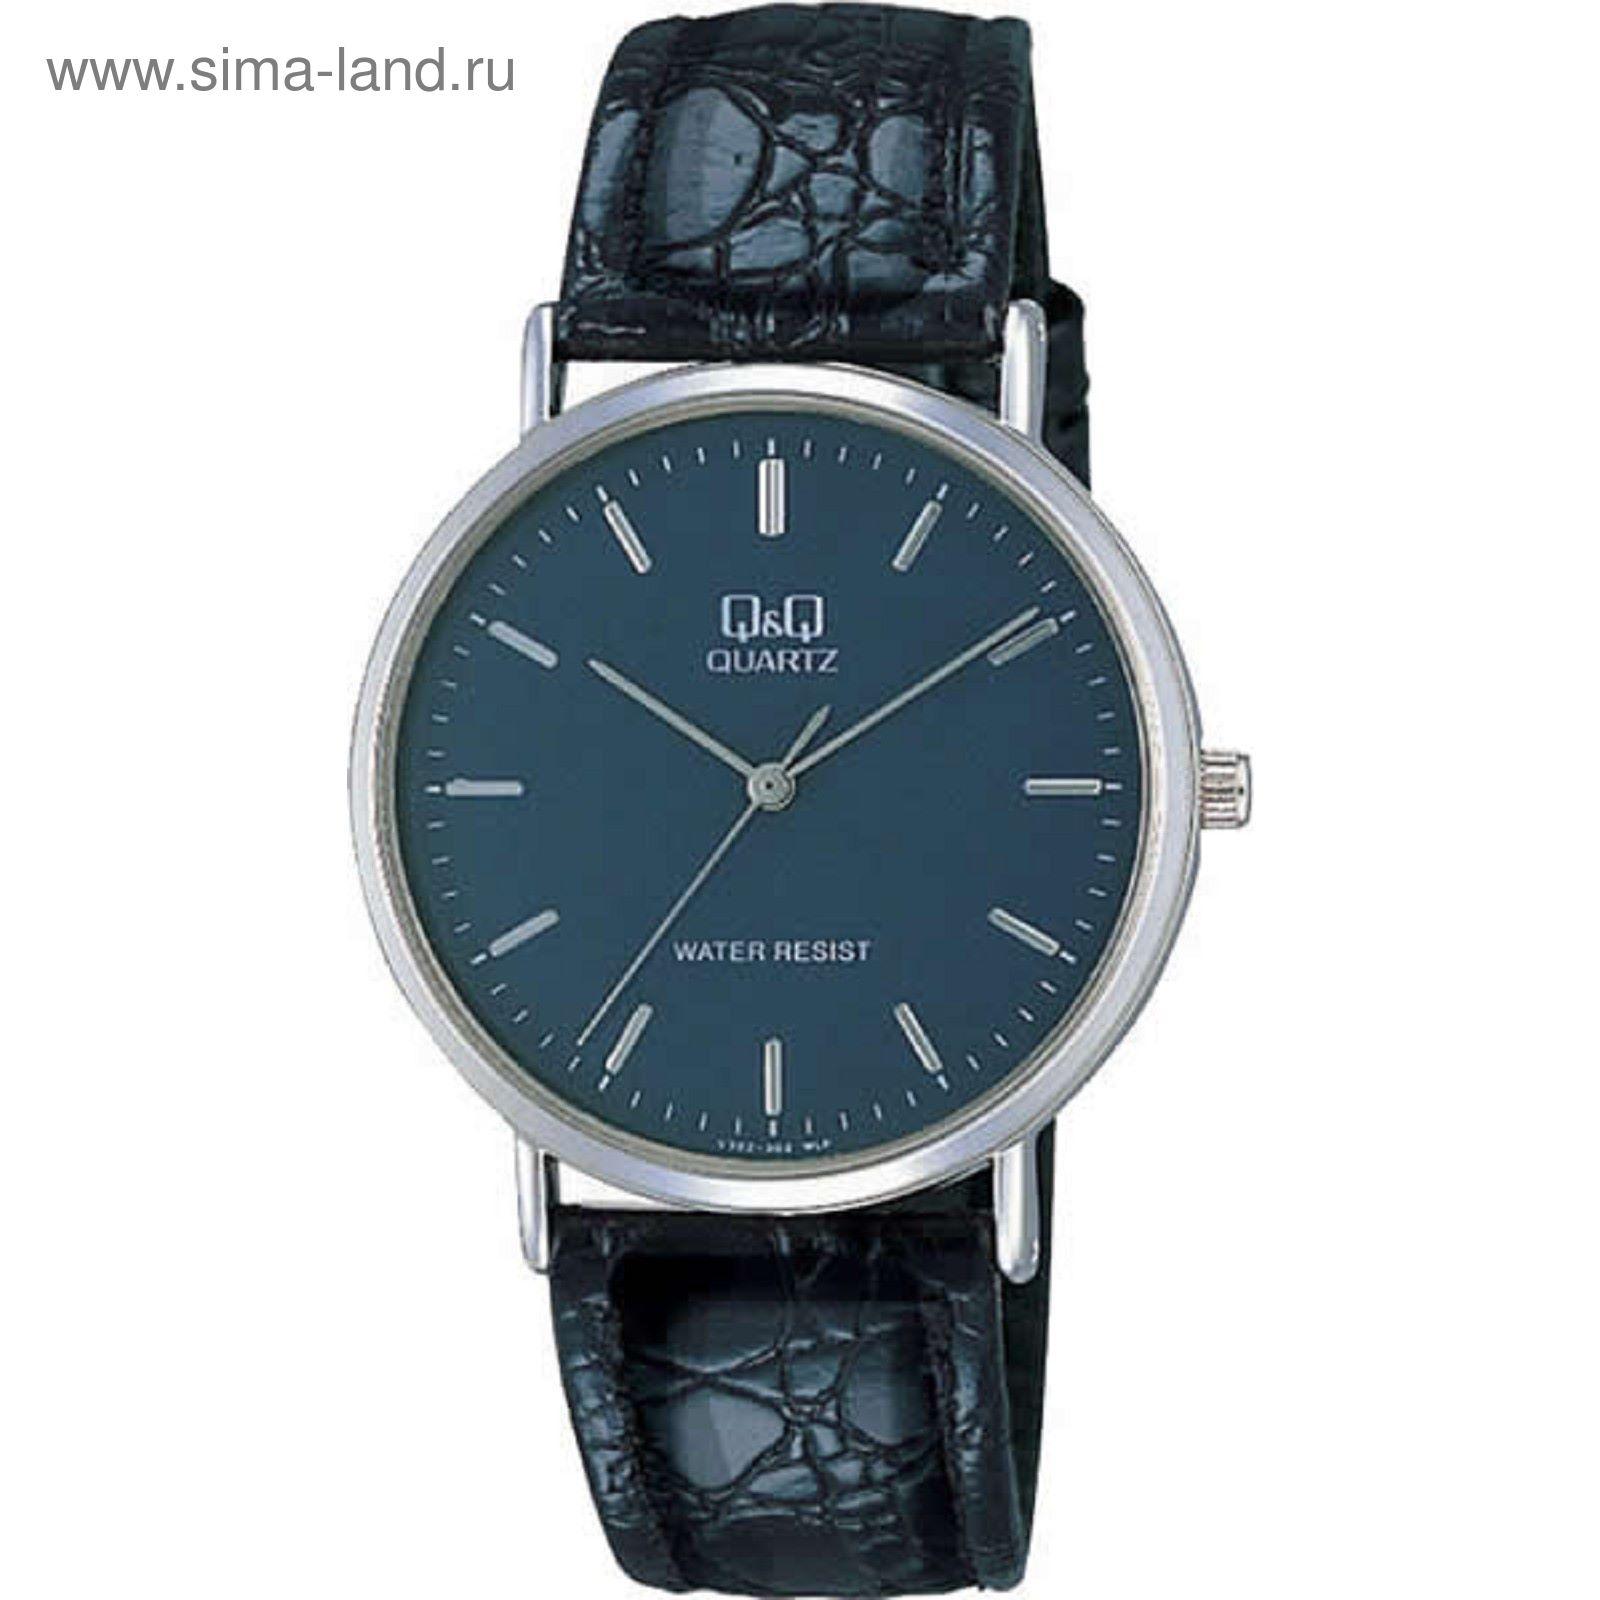 Часы наручные qsq water resist купить часы мисс сиксти